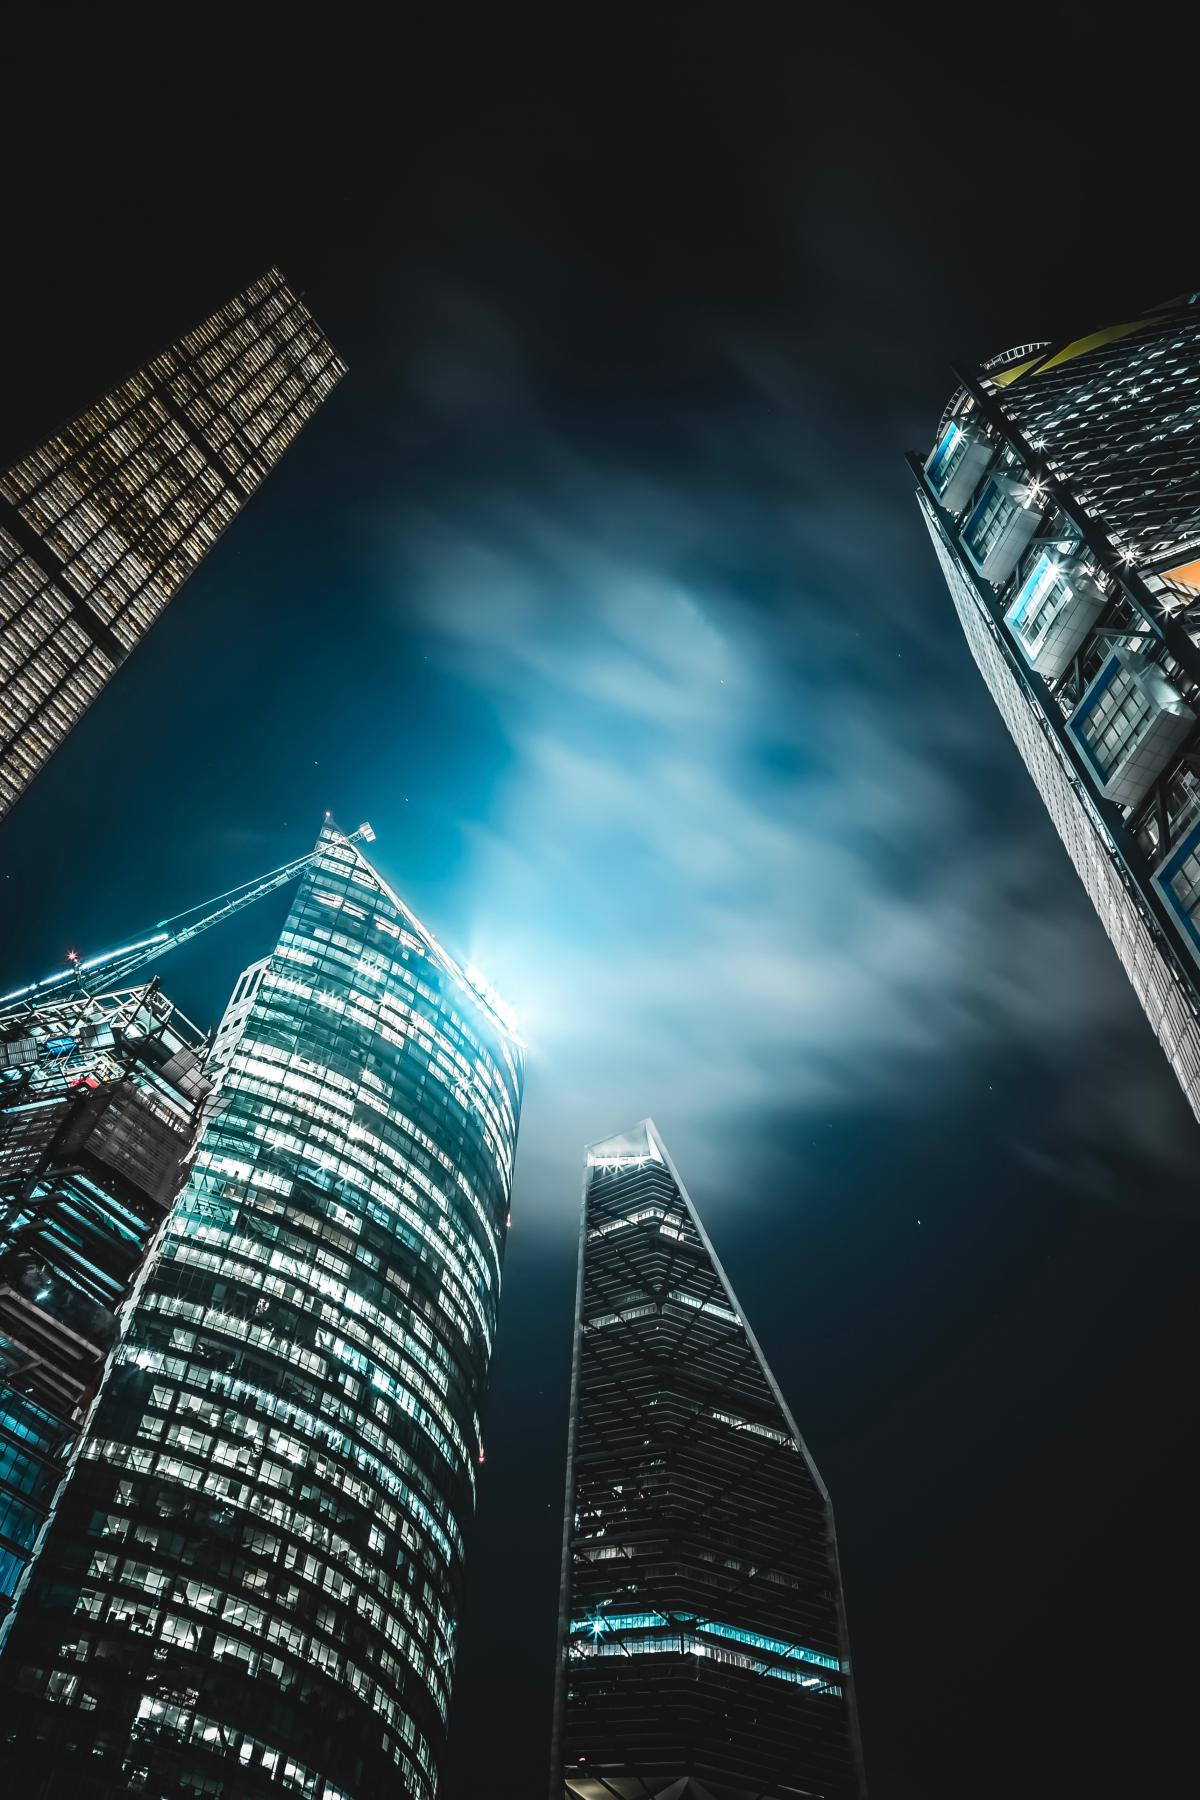 Skyscraper City Architecture #426440